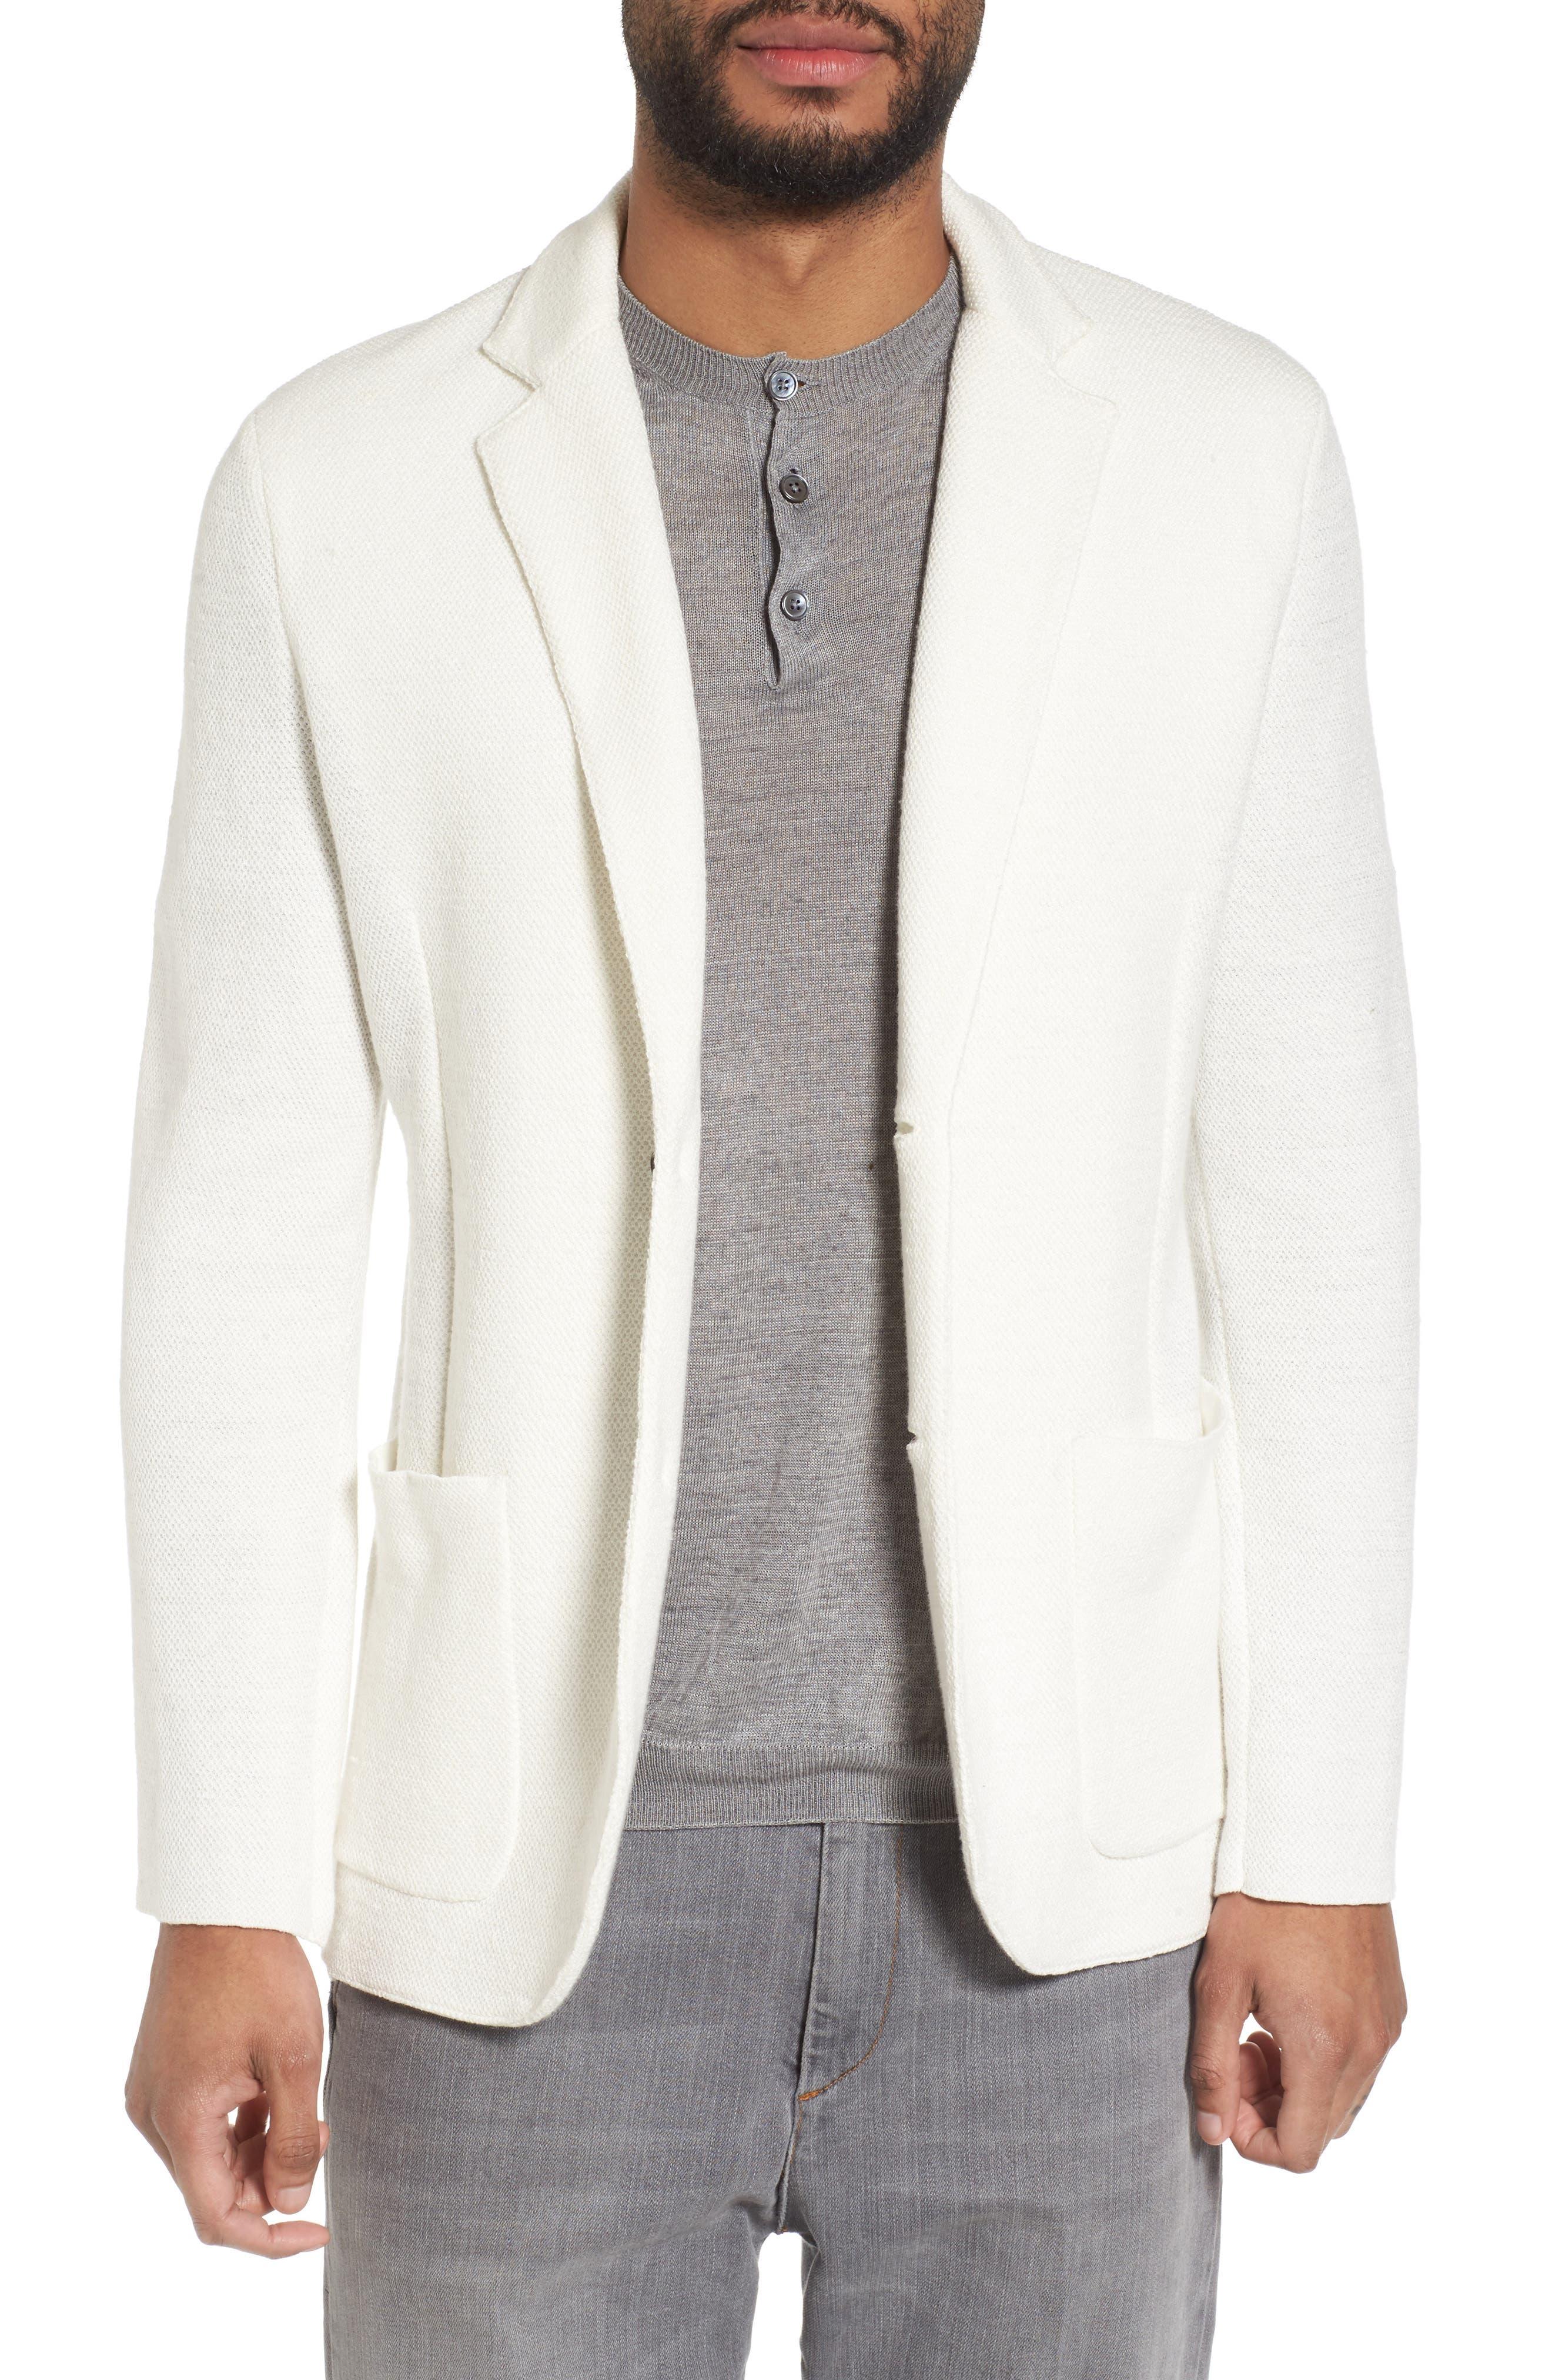 Eleventy Slim Fit Linen Blend Sweater Jacket